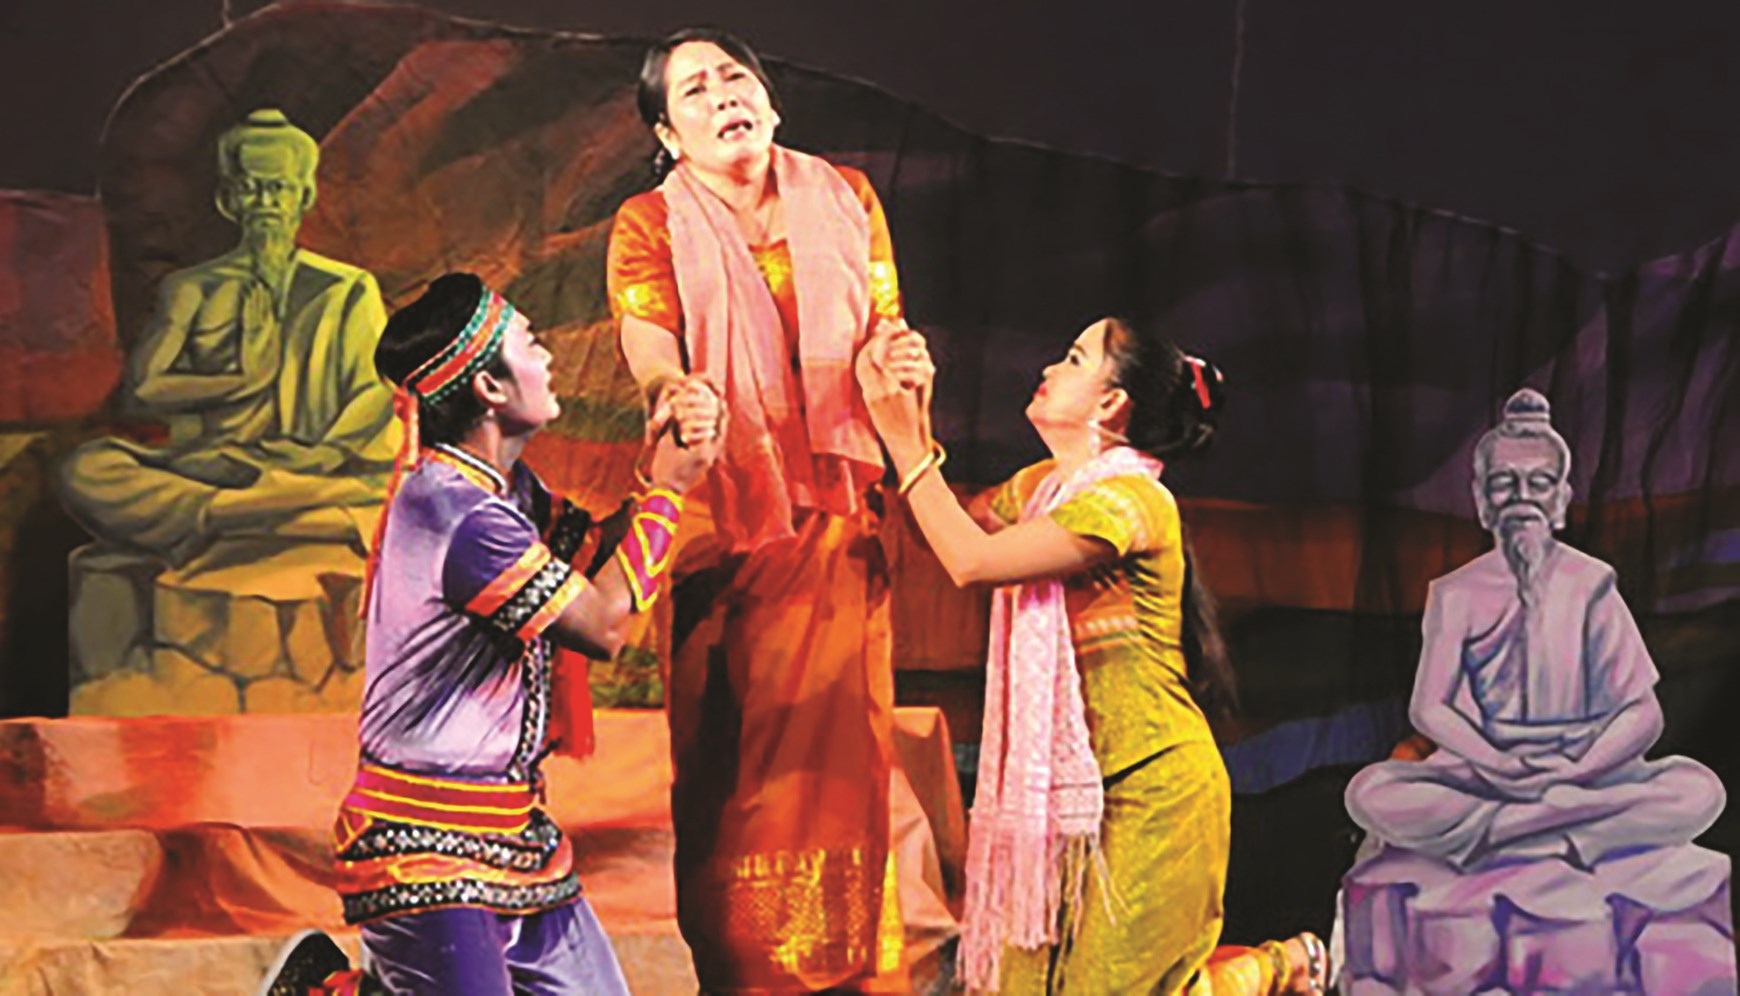 """Đoàn nghệ thuật sân khấu Dù kê Khmer Sóc Trăng đã ra mắt với vở diễn """"Nàng Xê Đa"""" và được công chúng tại khán phòng nhiệt liệt đón nhận."""